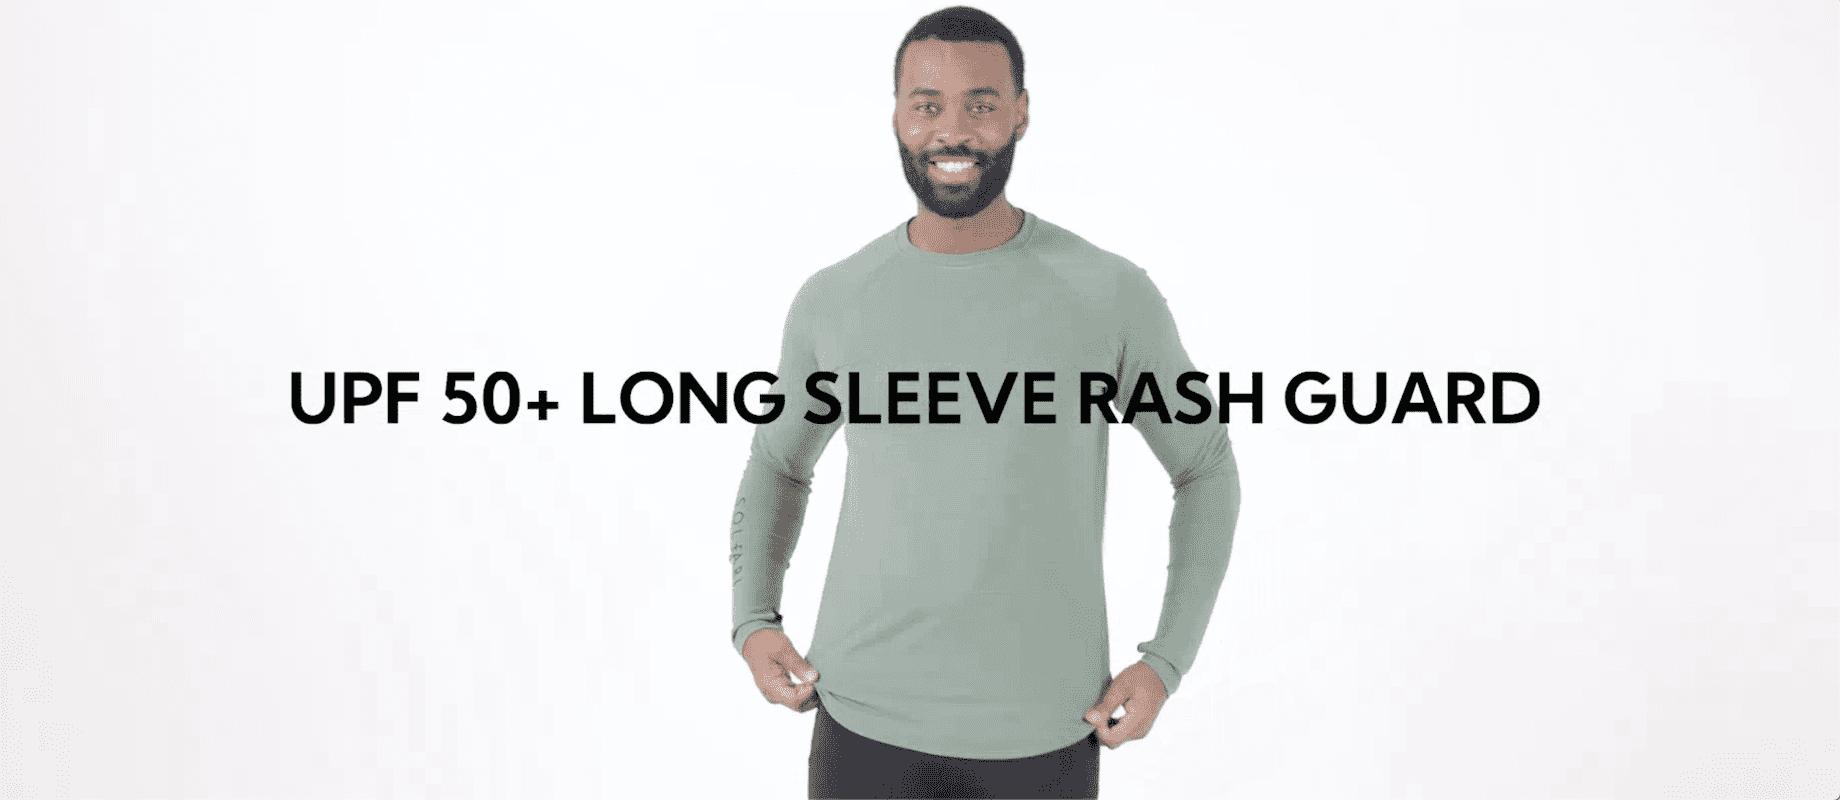 Stylish Sun Protective Long Sleeve Rash Guard UPF50+ | Men's Swimwear